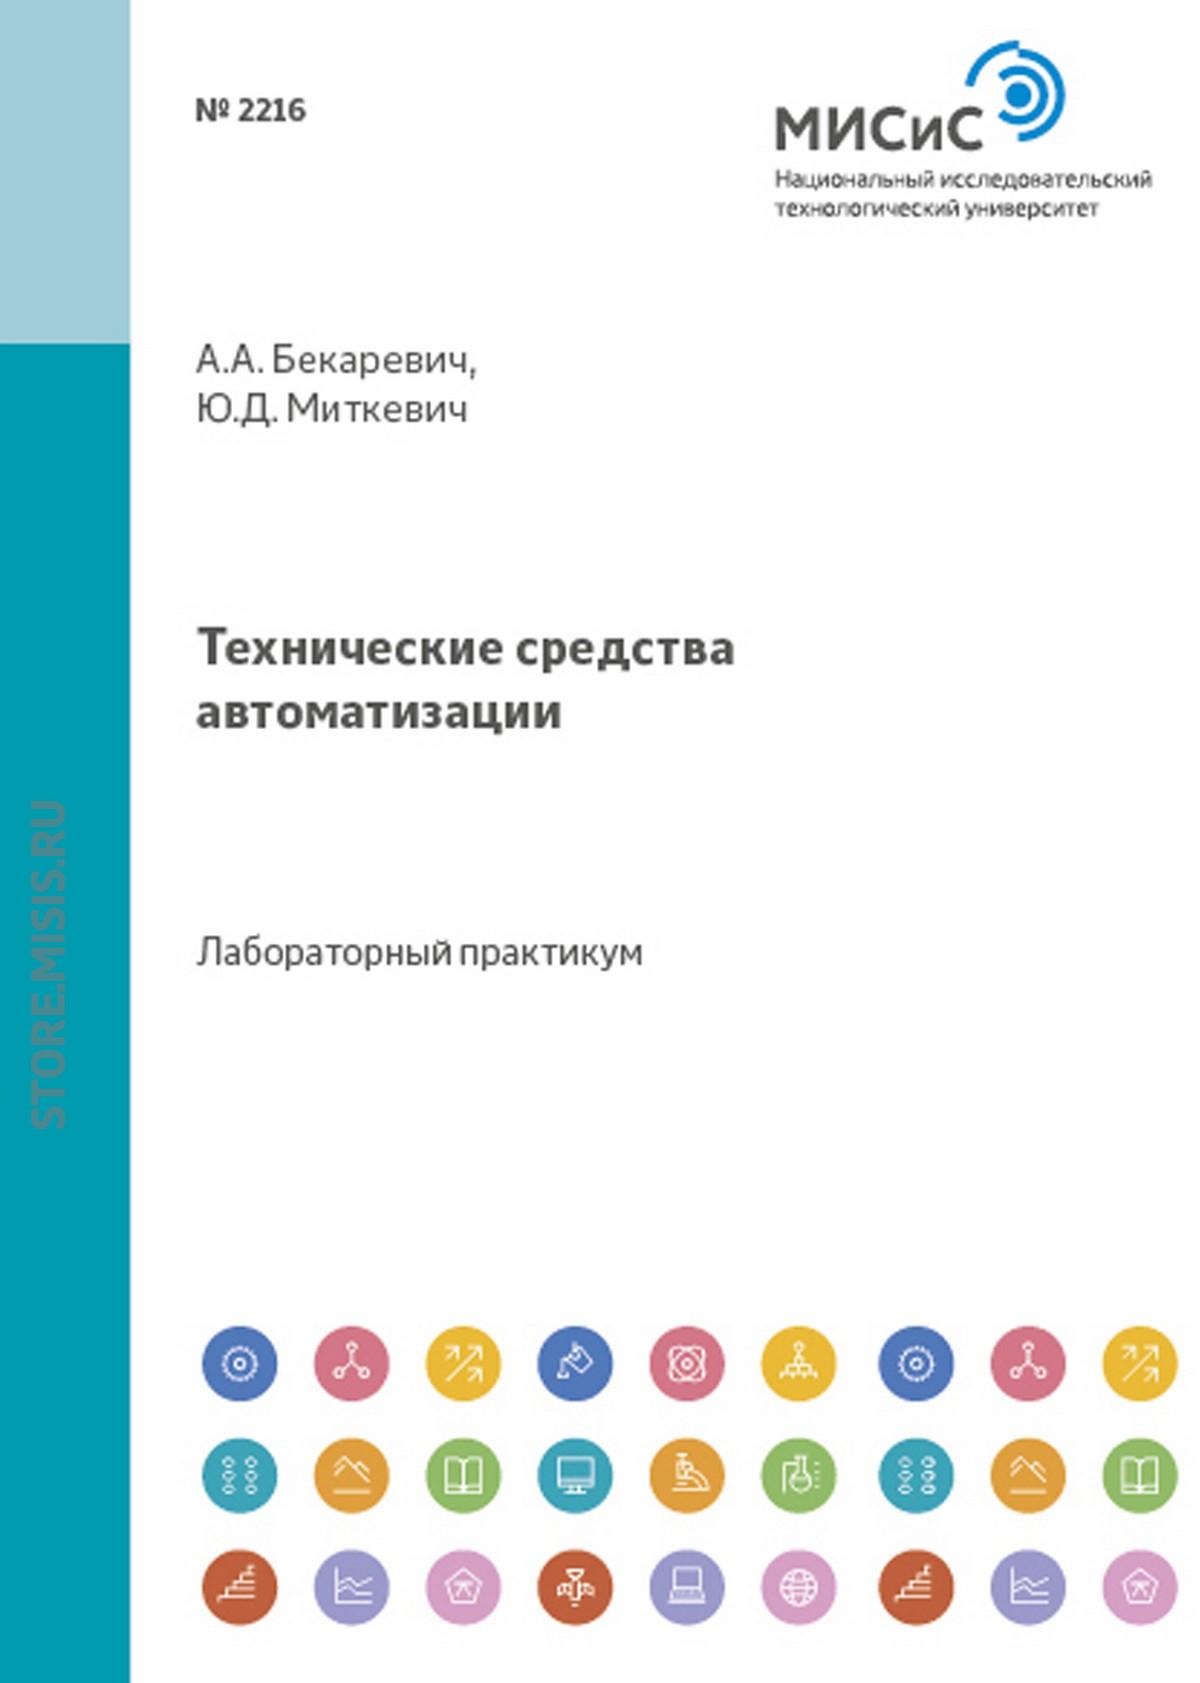 Юрий Миткевич Технические средства автоматизации